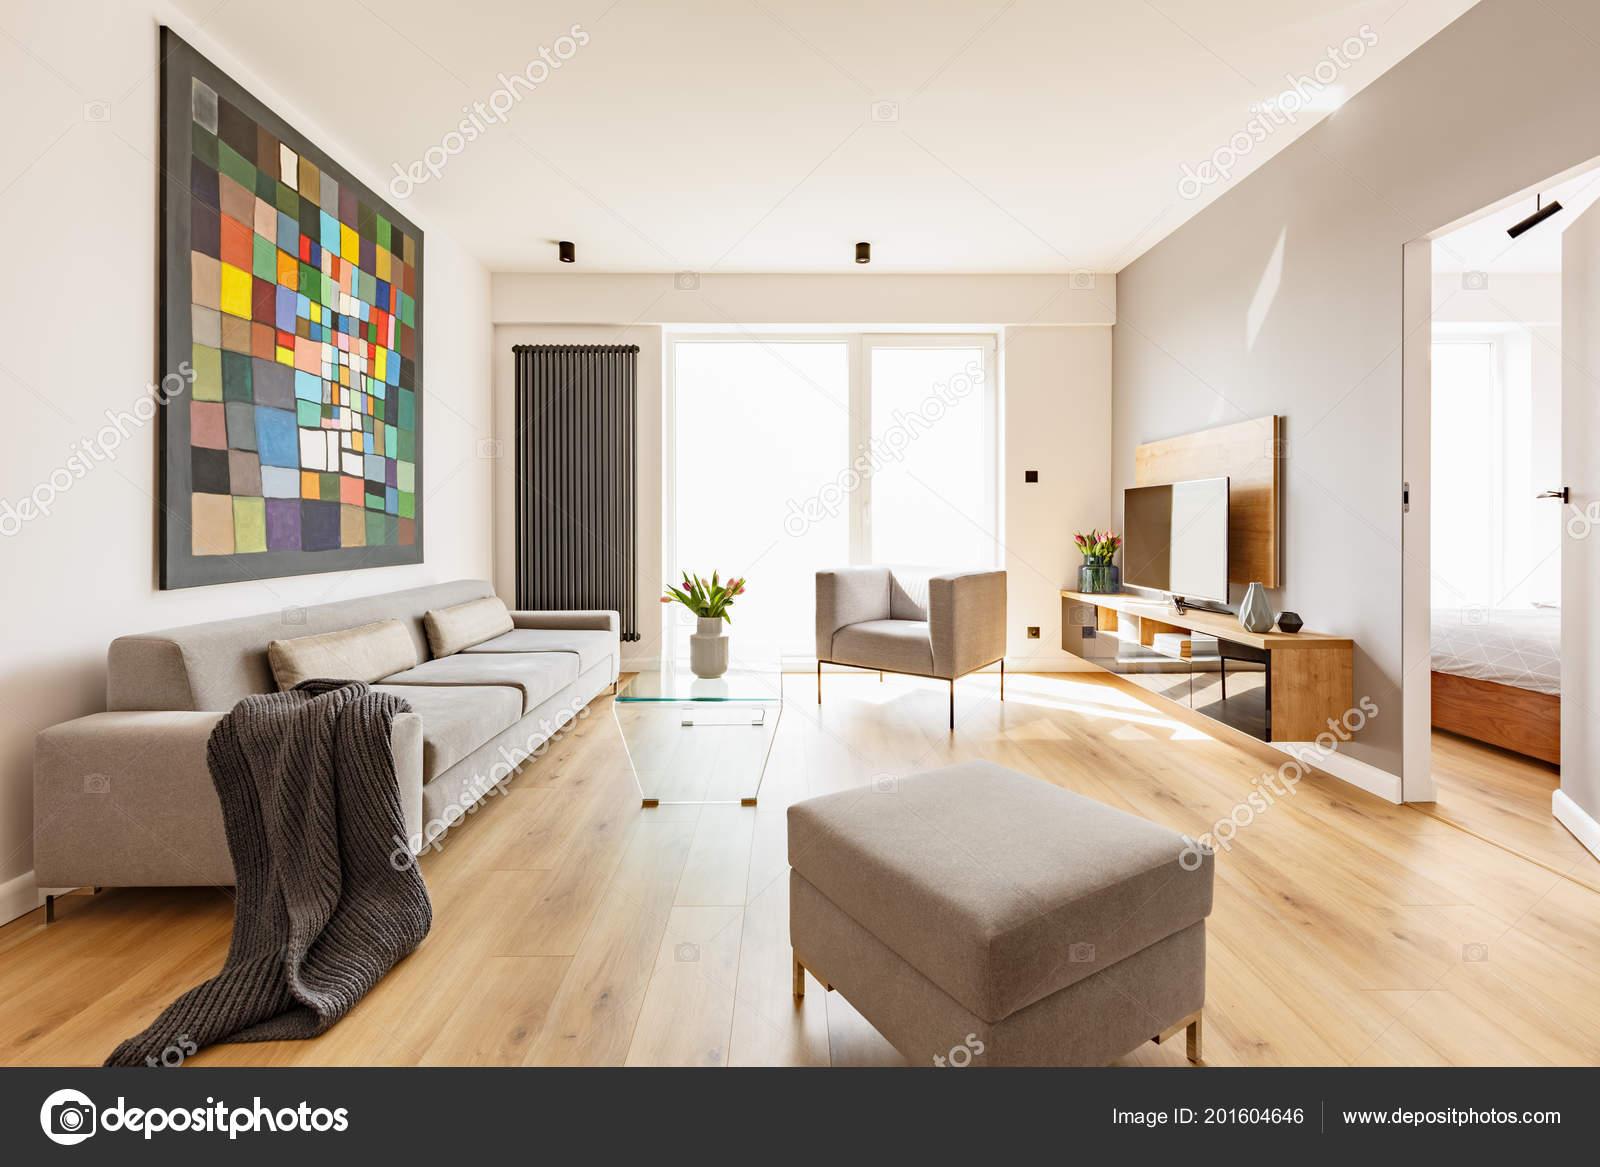 Decke Auf Graue Couch Im Wohnzimmer Interieur Mit Hocker Und Malerei.  Echtes Foto U2014 Foto Von Photographee.eu